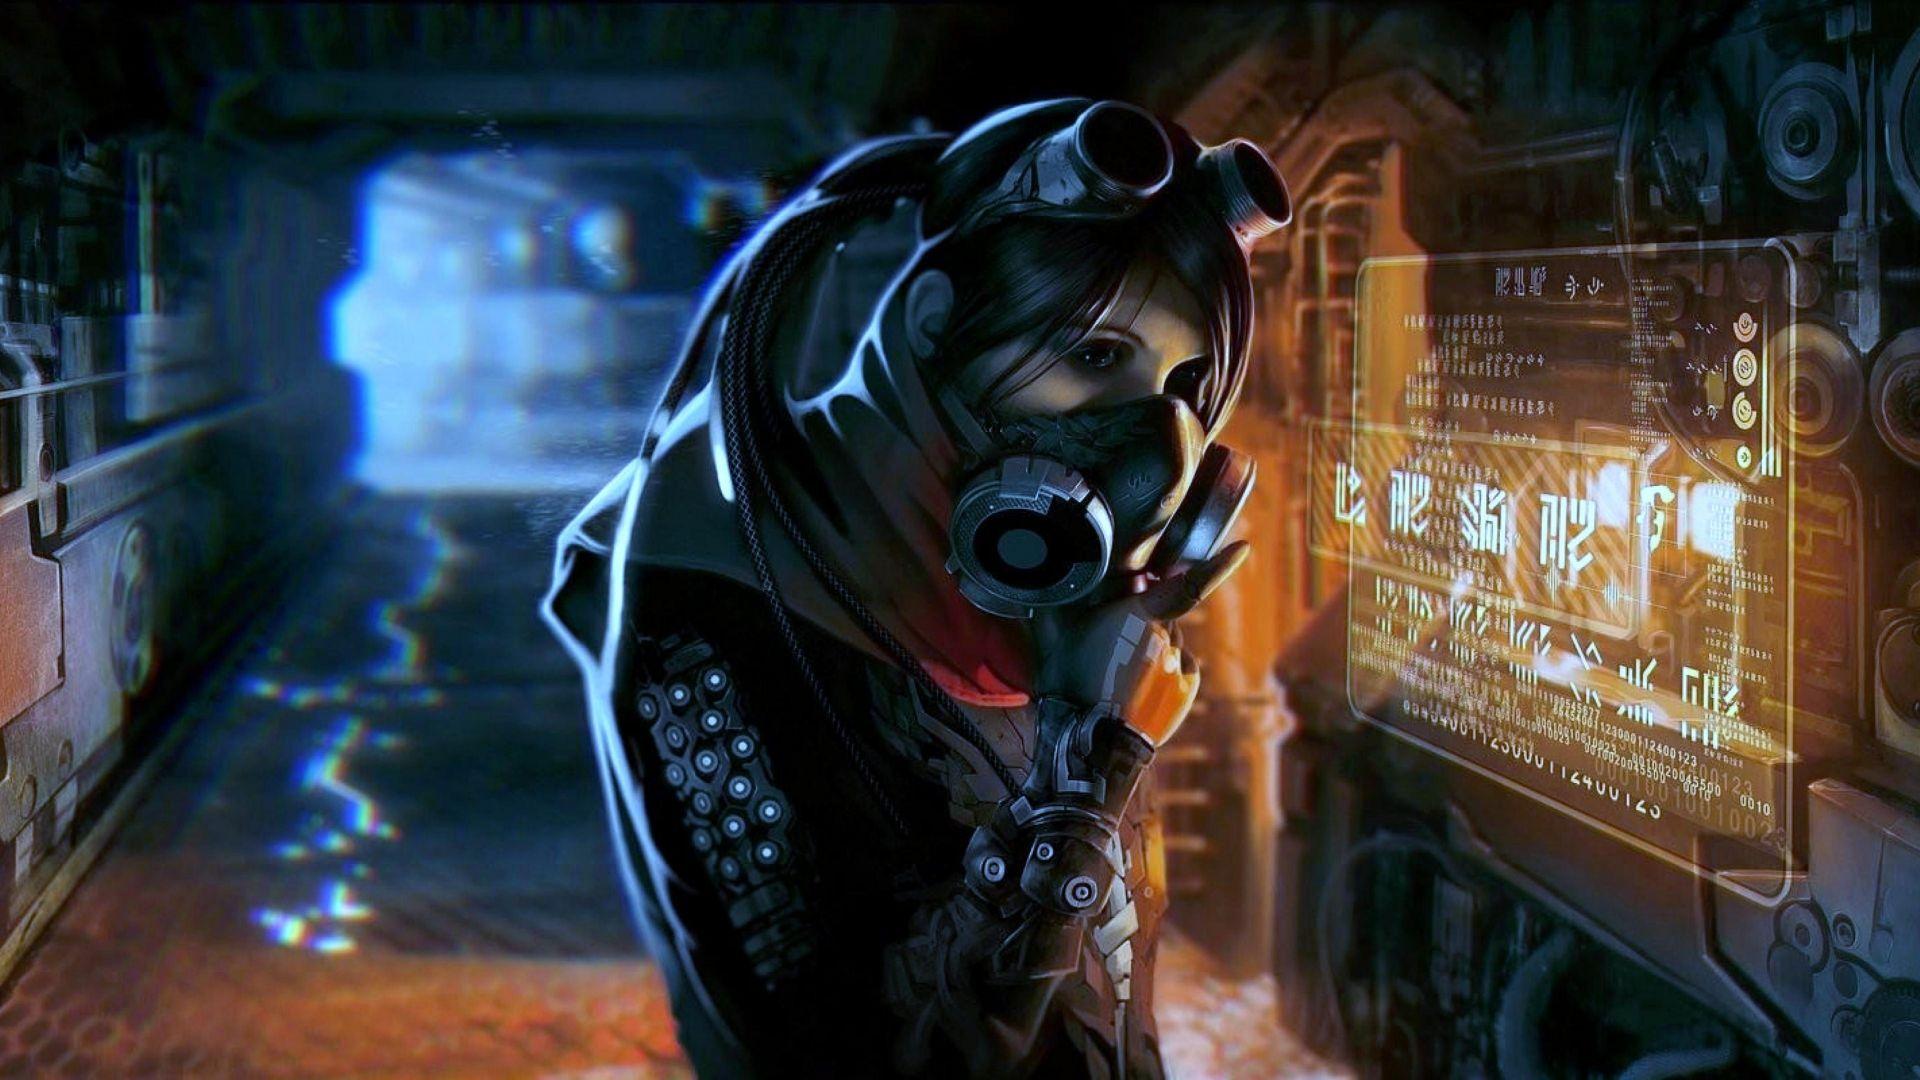 Cyberpunk Mask Image